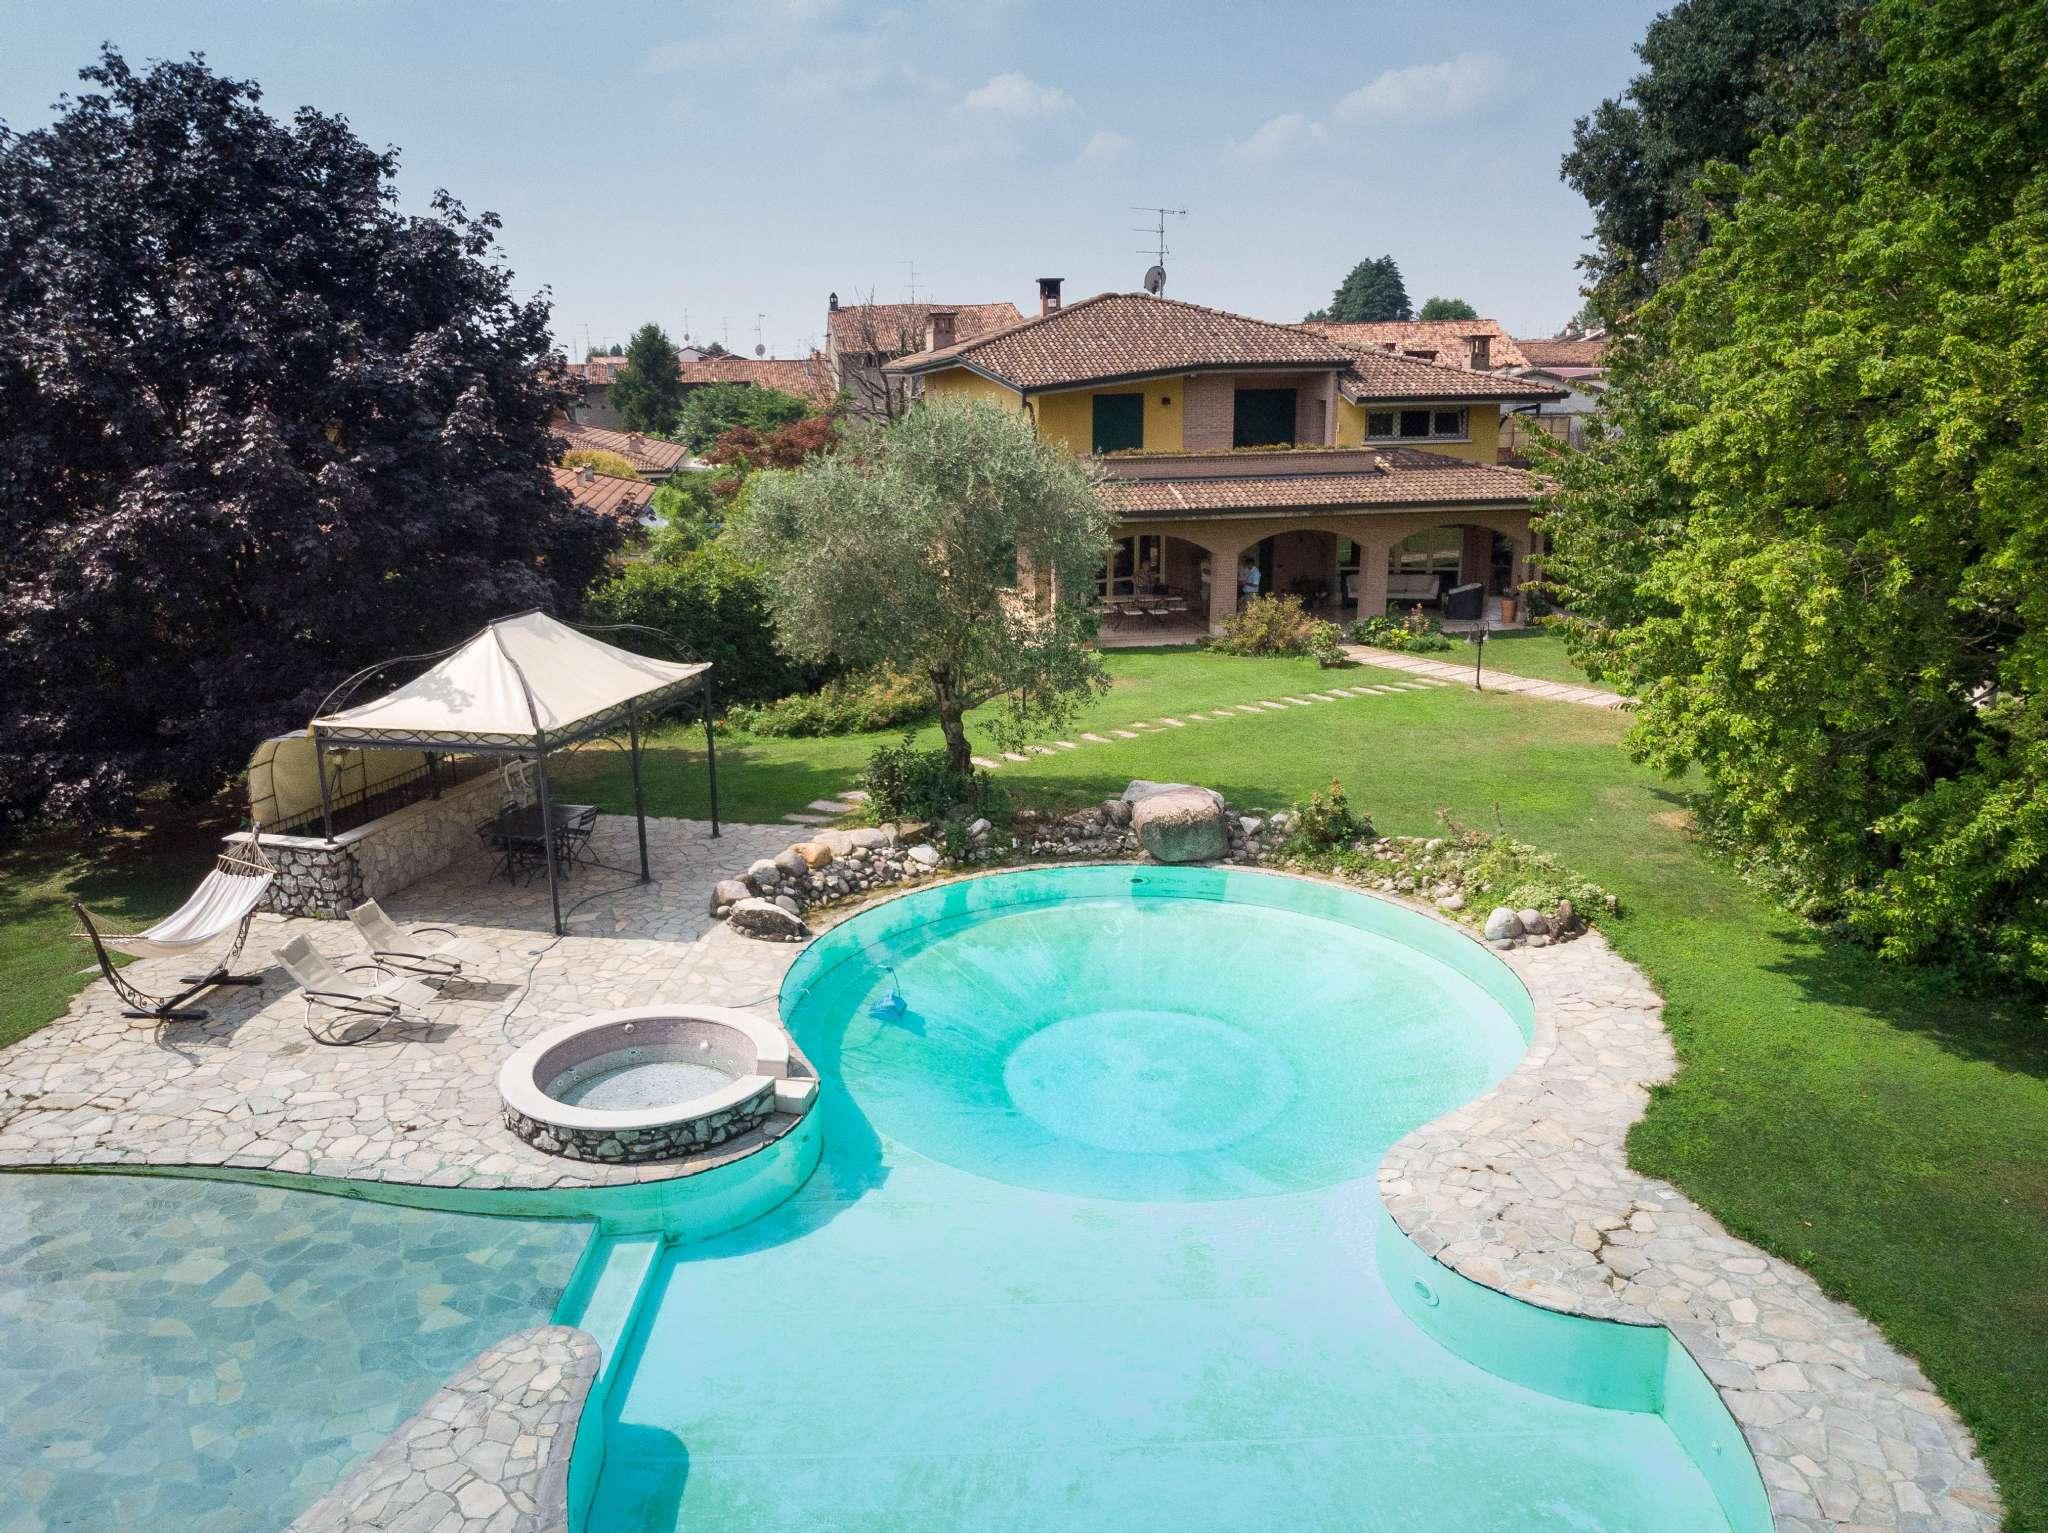 Villa in vendita a Castegnato, 5 locali, Trattative riservate | PortaleAgenzieImmobiliari.it